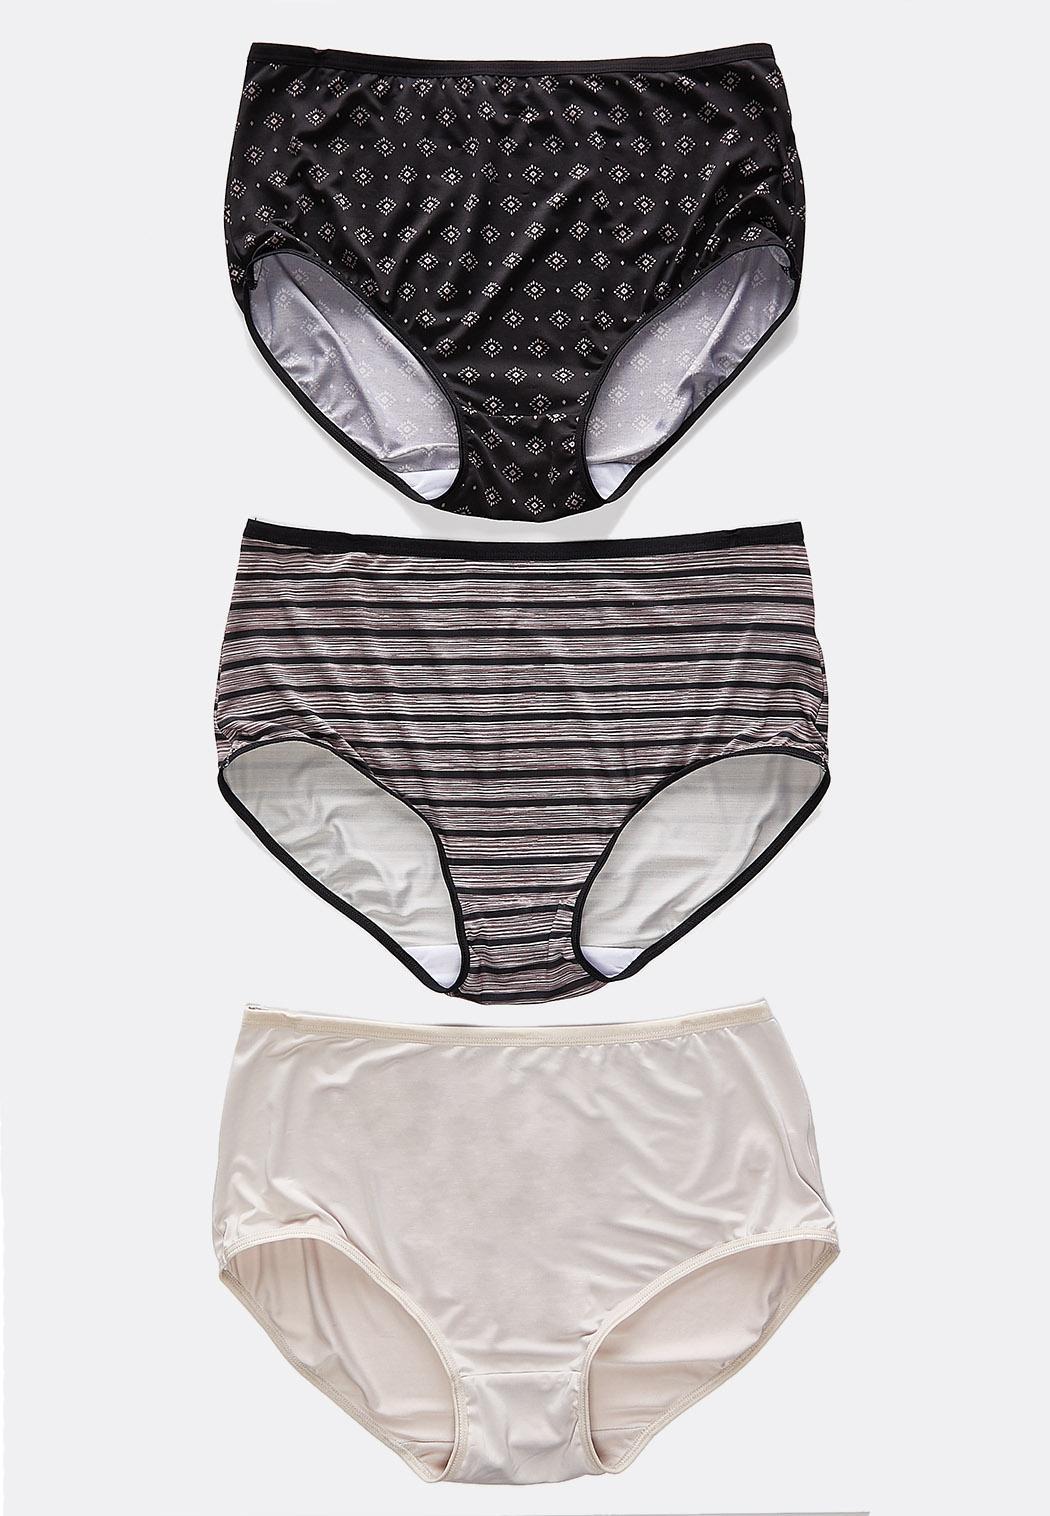 fa2a9c91abf7 Cato Fashions | Your Style. Delivered.